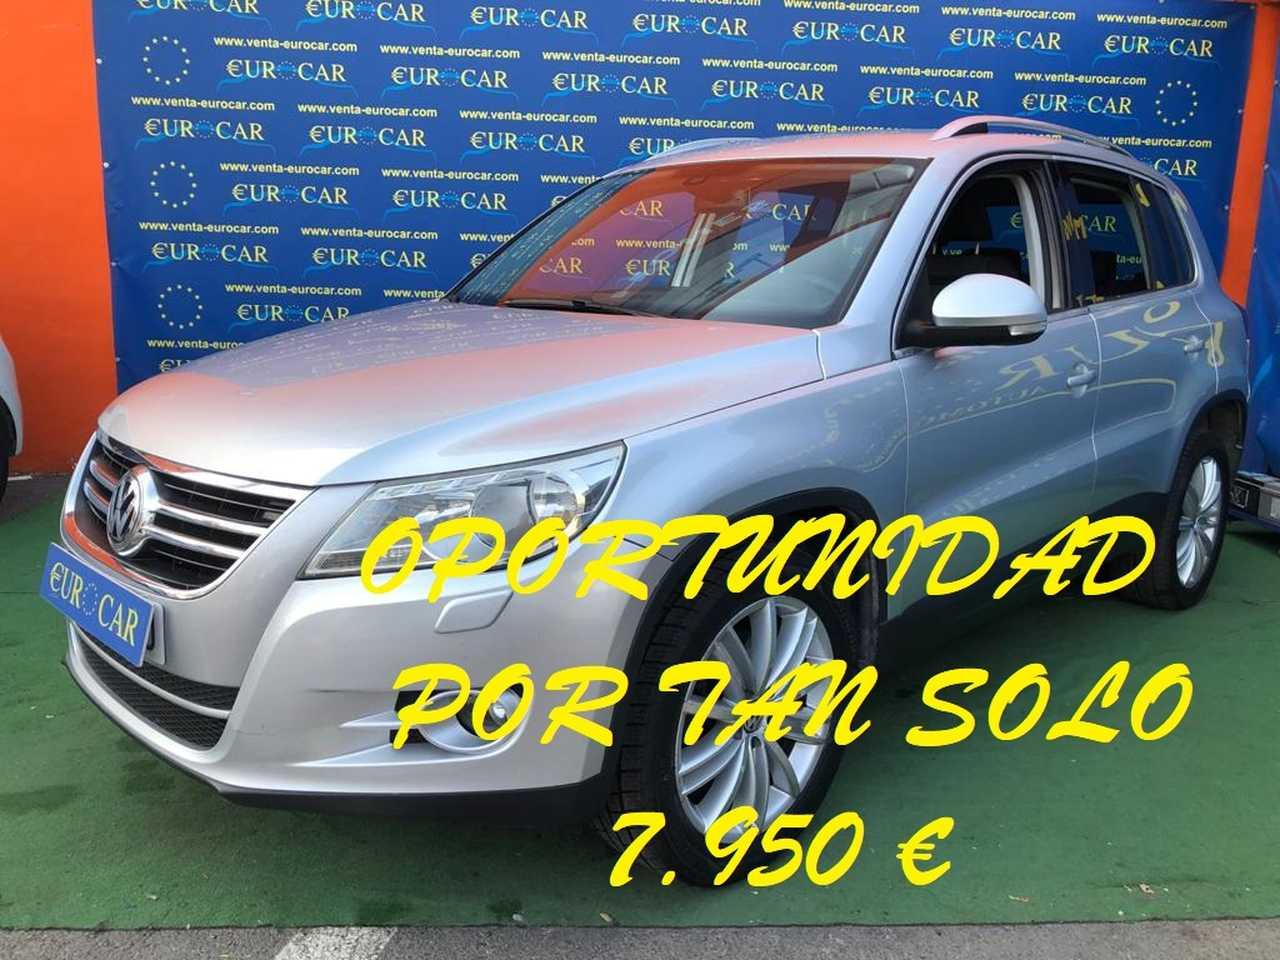 Volkswagen Tiguan ocasión segunda mano 2009 Diésel por 7.950€ en Alicante